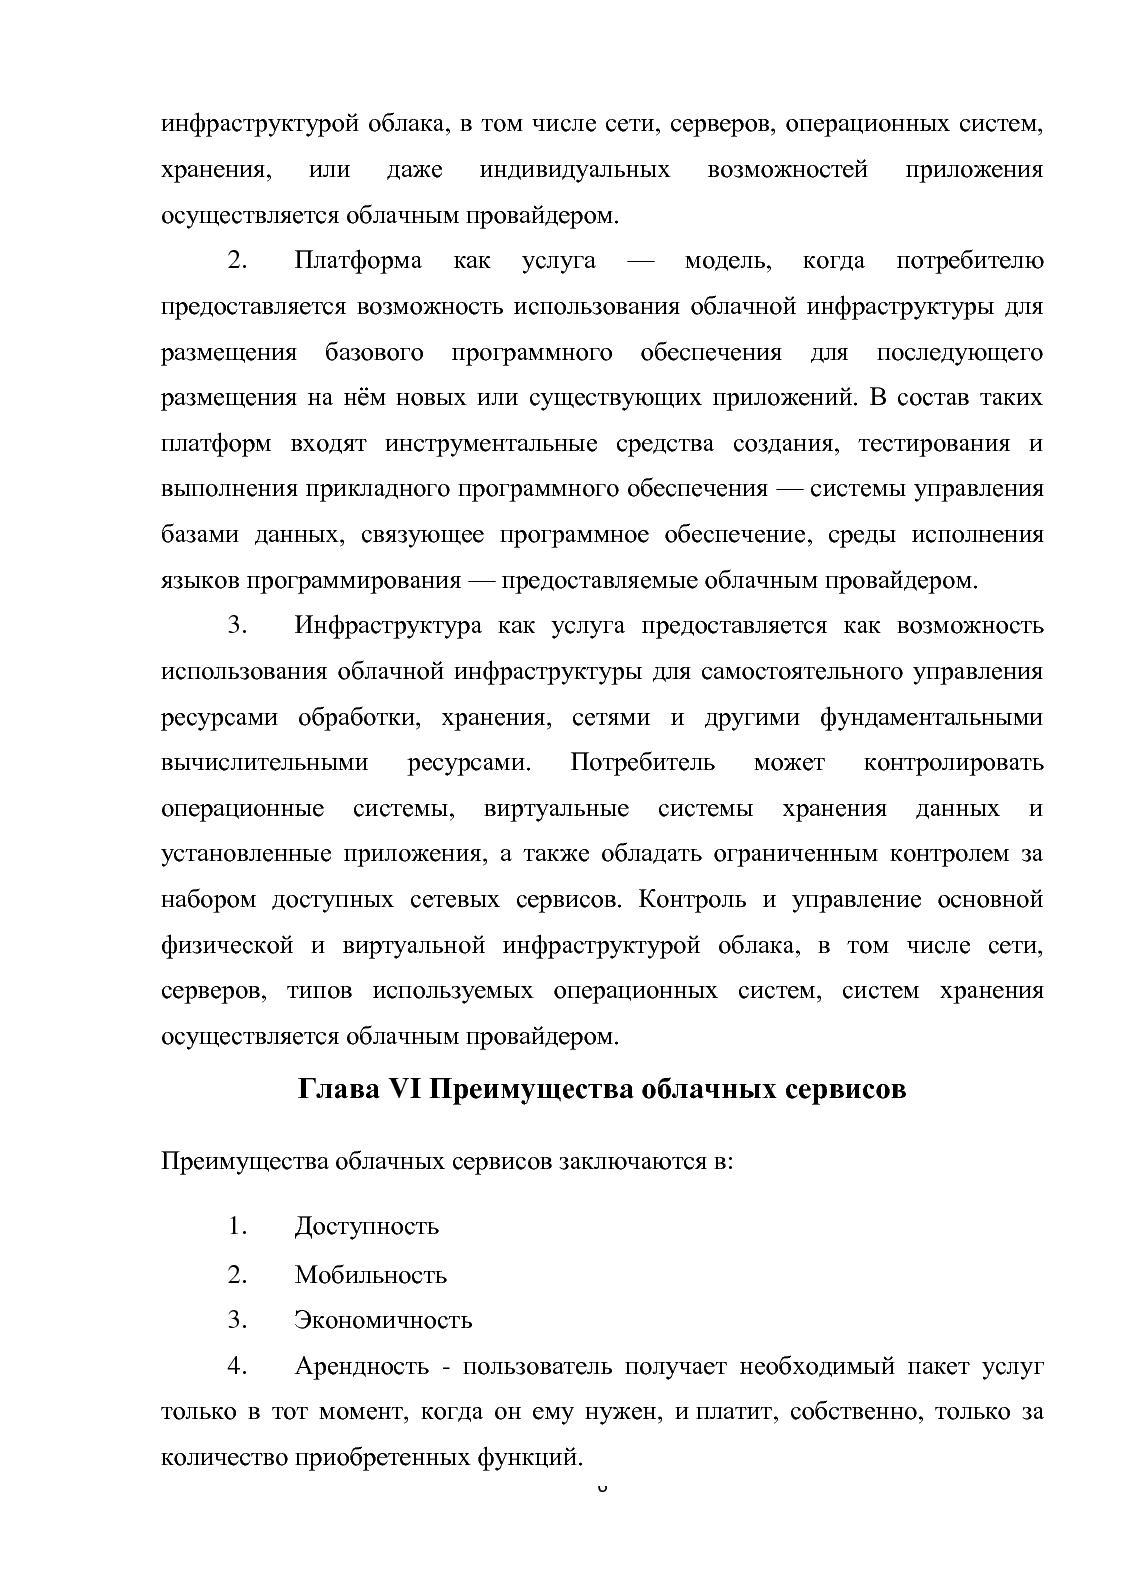 Реферат по теме Облачные технологии calameo er page 6